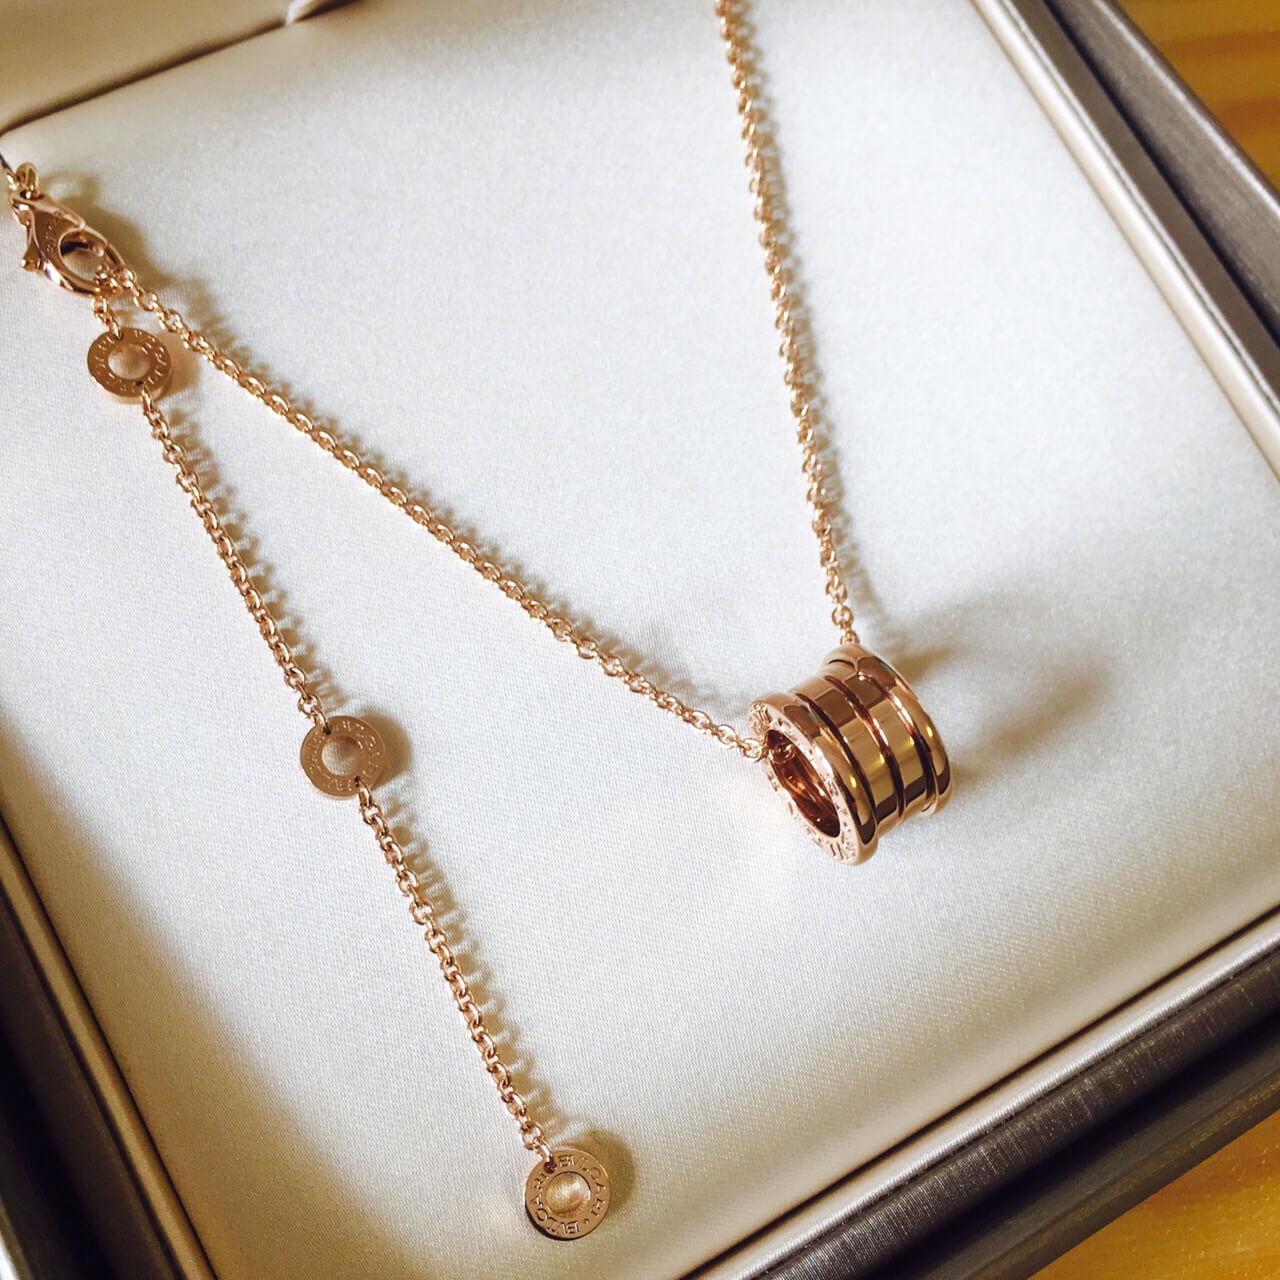 Imitation Bulgari B.zero1 necklace